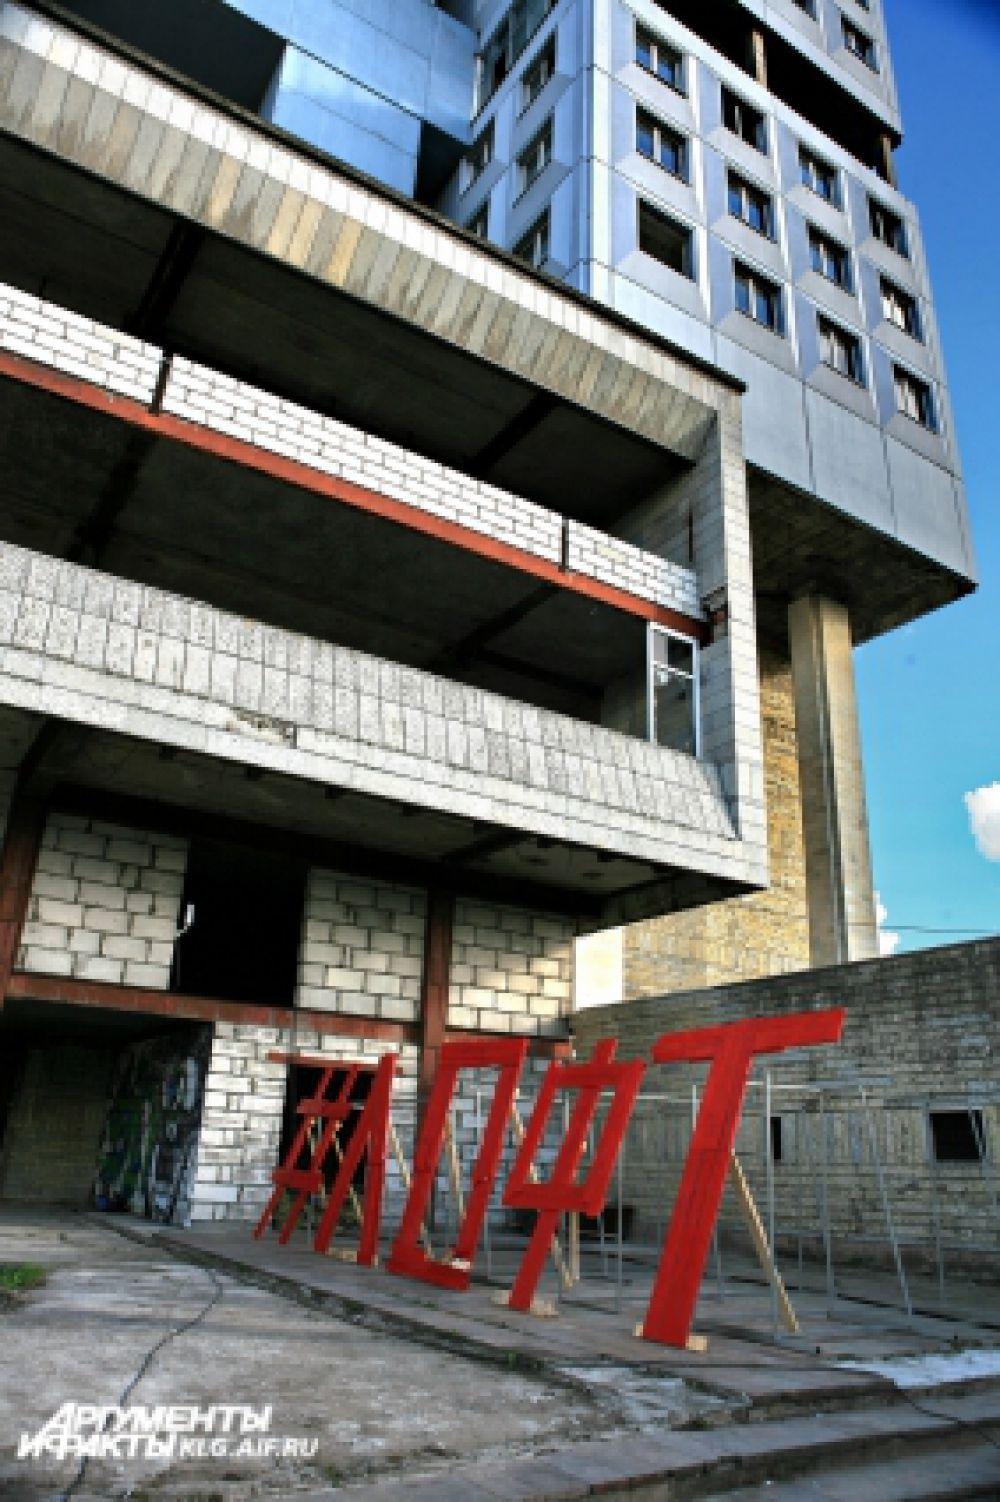 Лофт - архитектурный стиль XX—XXI века, переоборудованная под жильё, мастерскую или офисное помещение верхняя часть здания промышленного назначения.